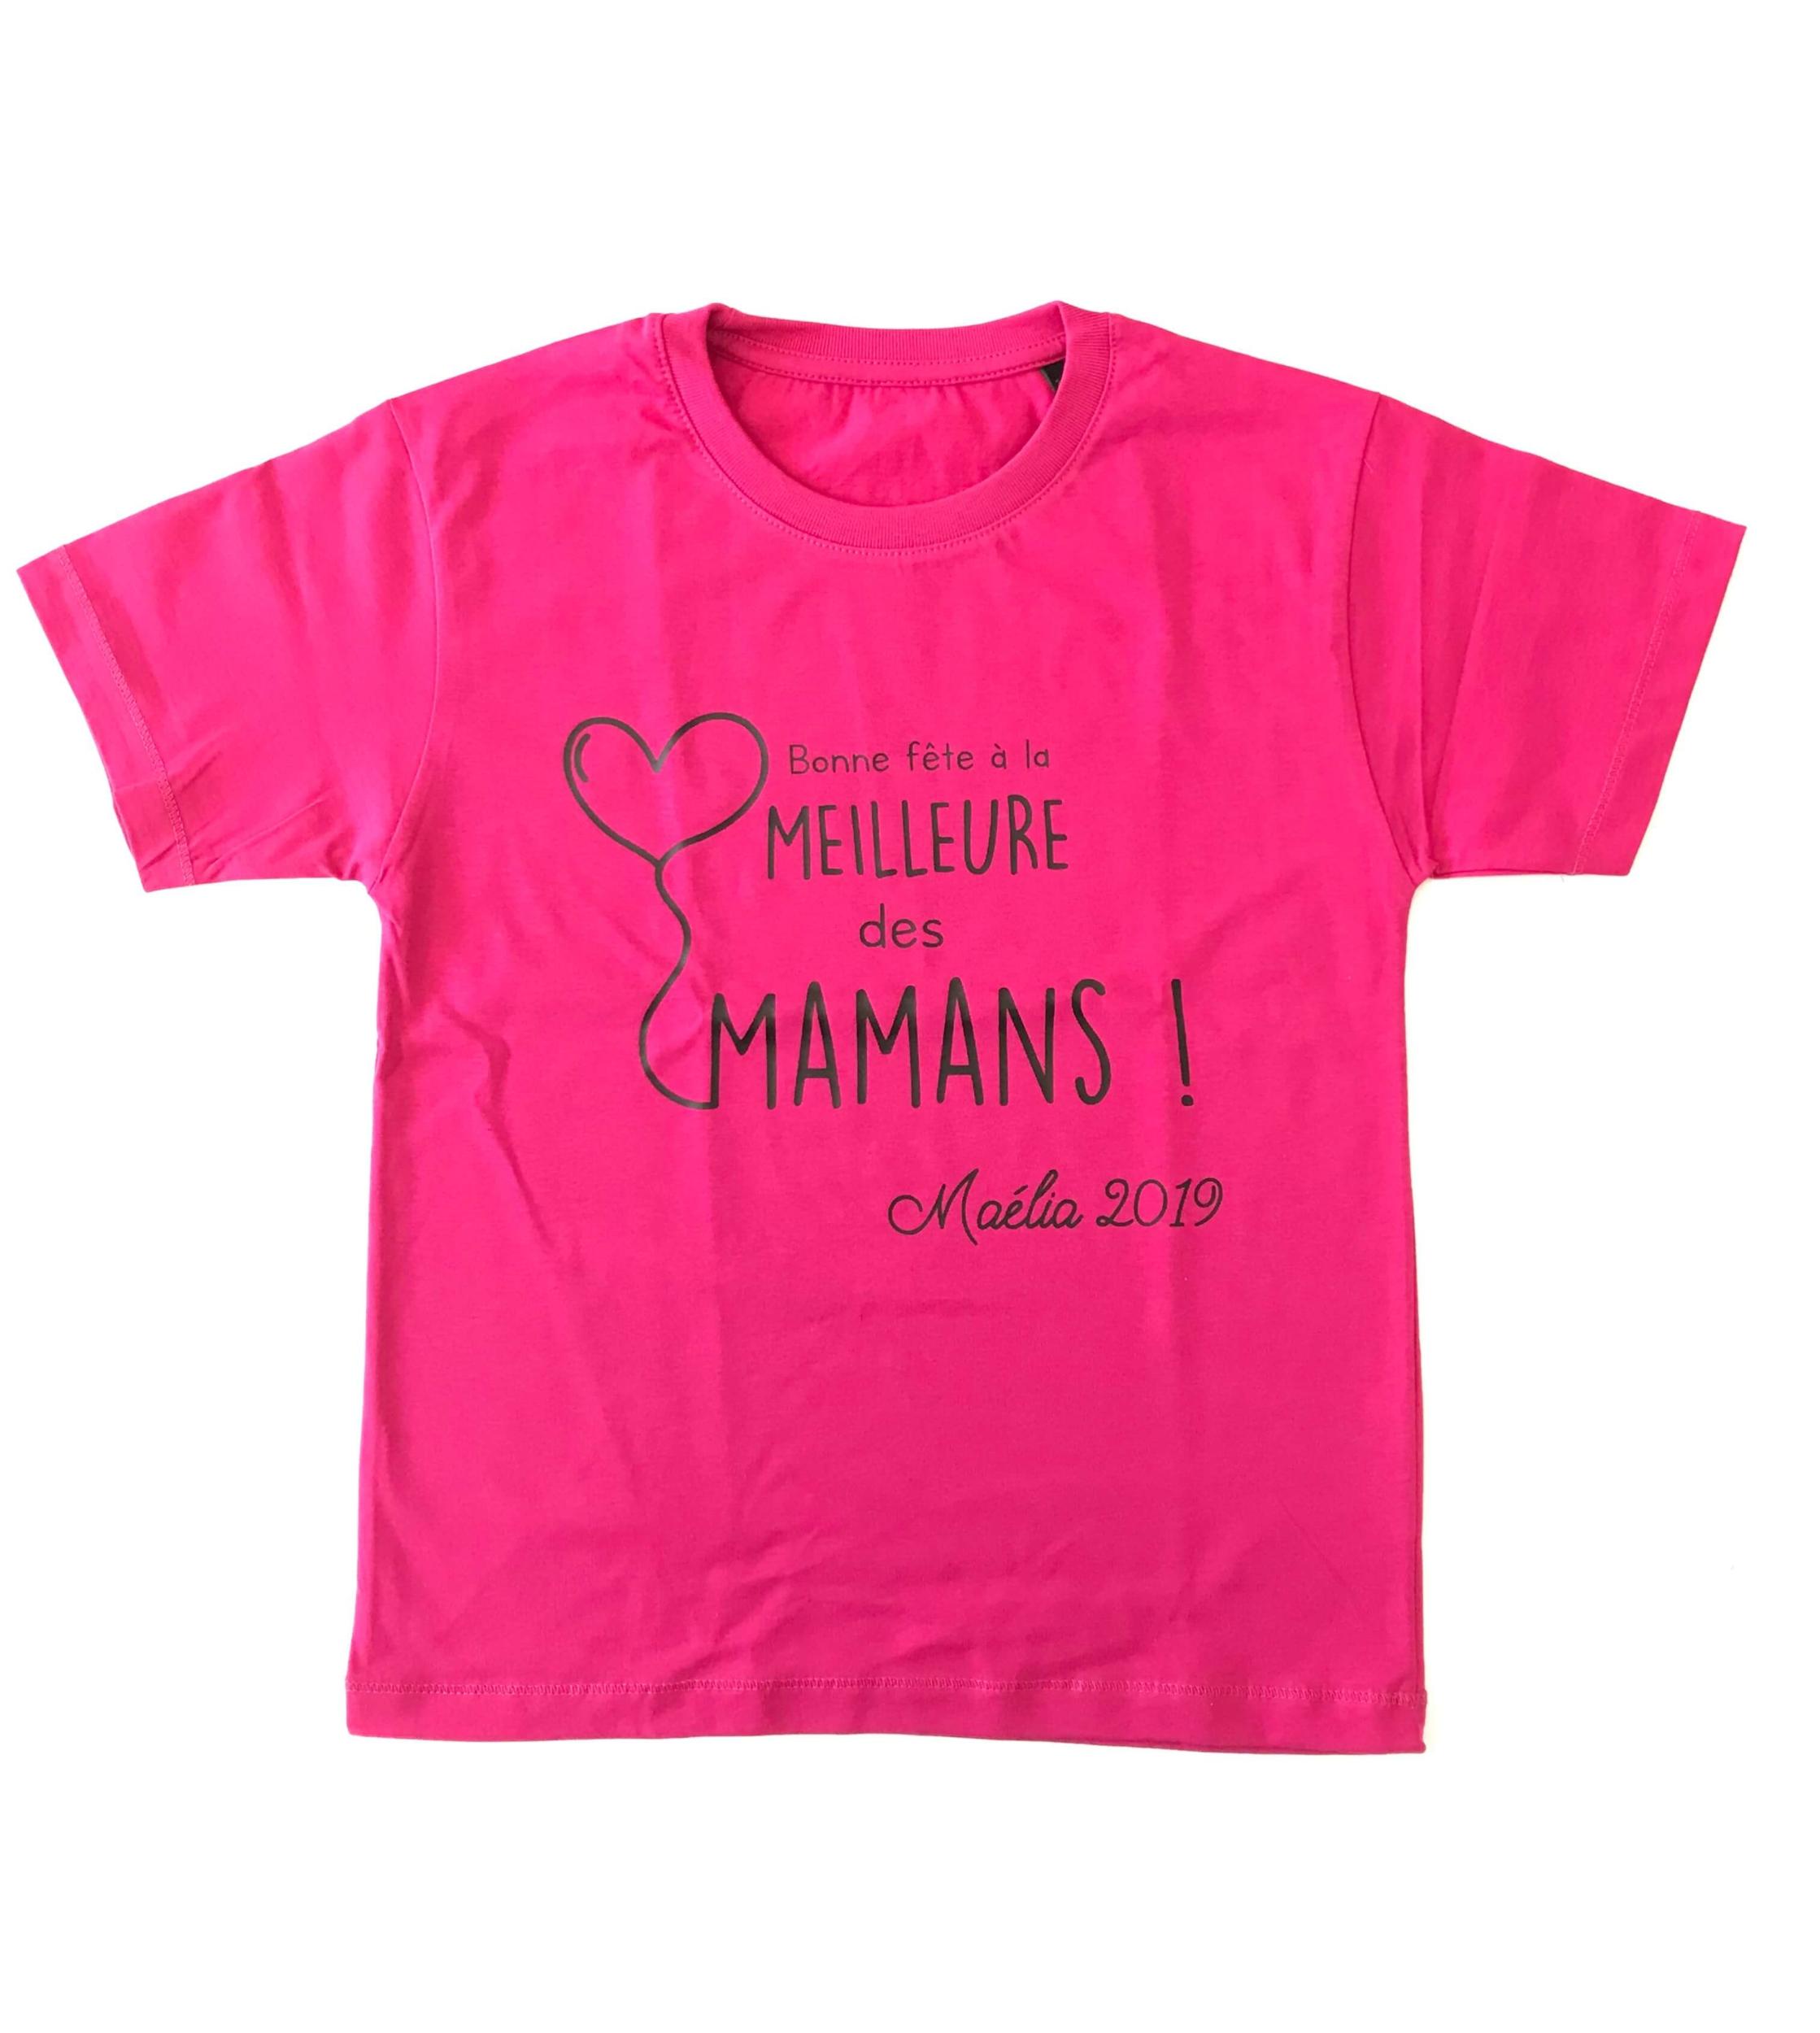 T-shirt enfant Bonne fête à la meilleure des mamans